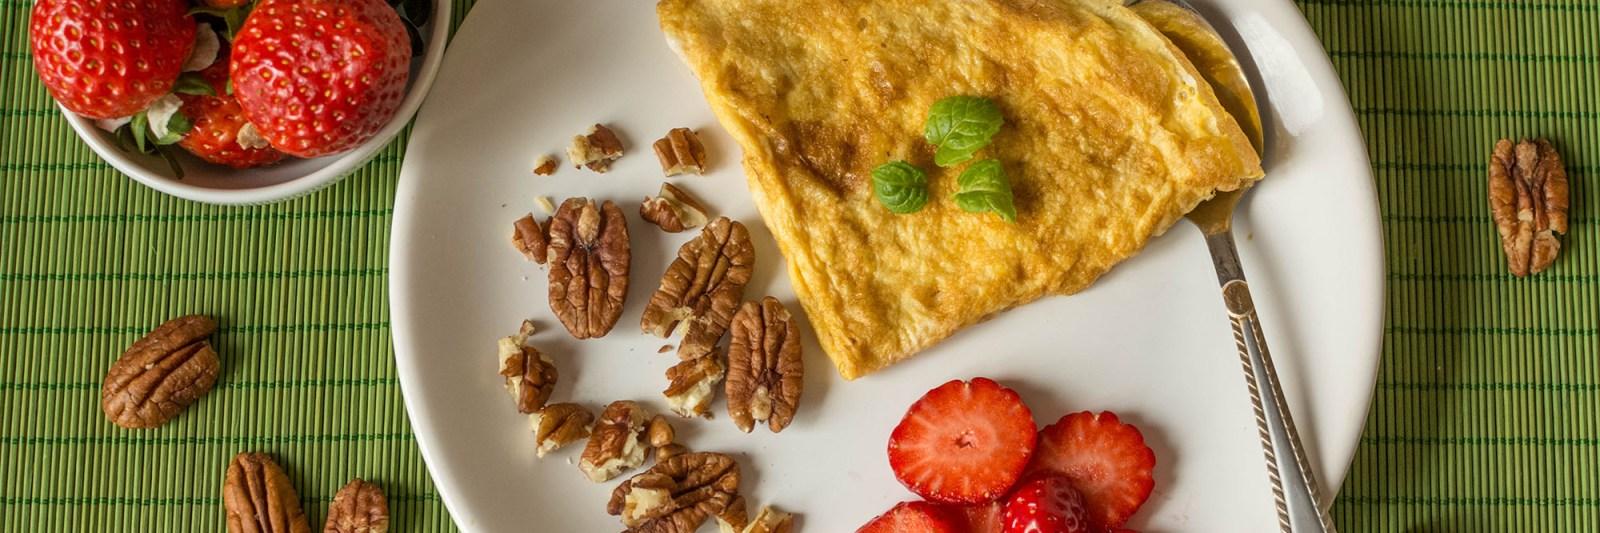 omelet aardbeien